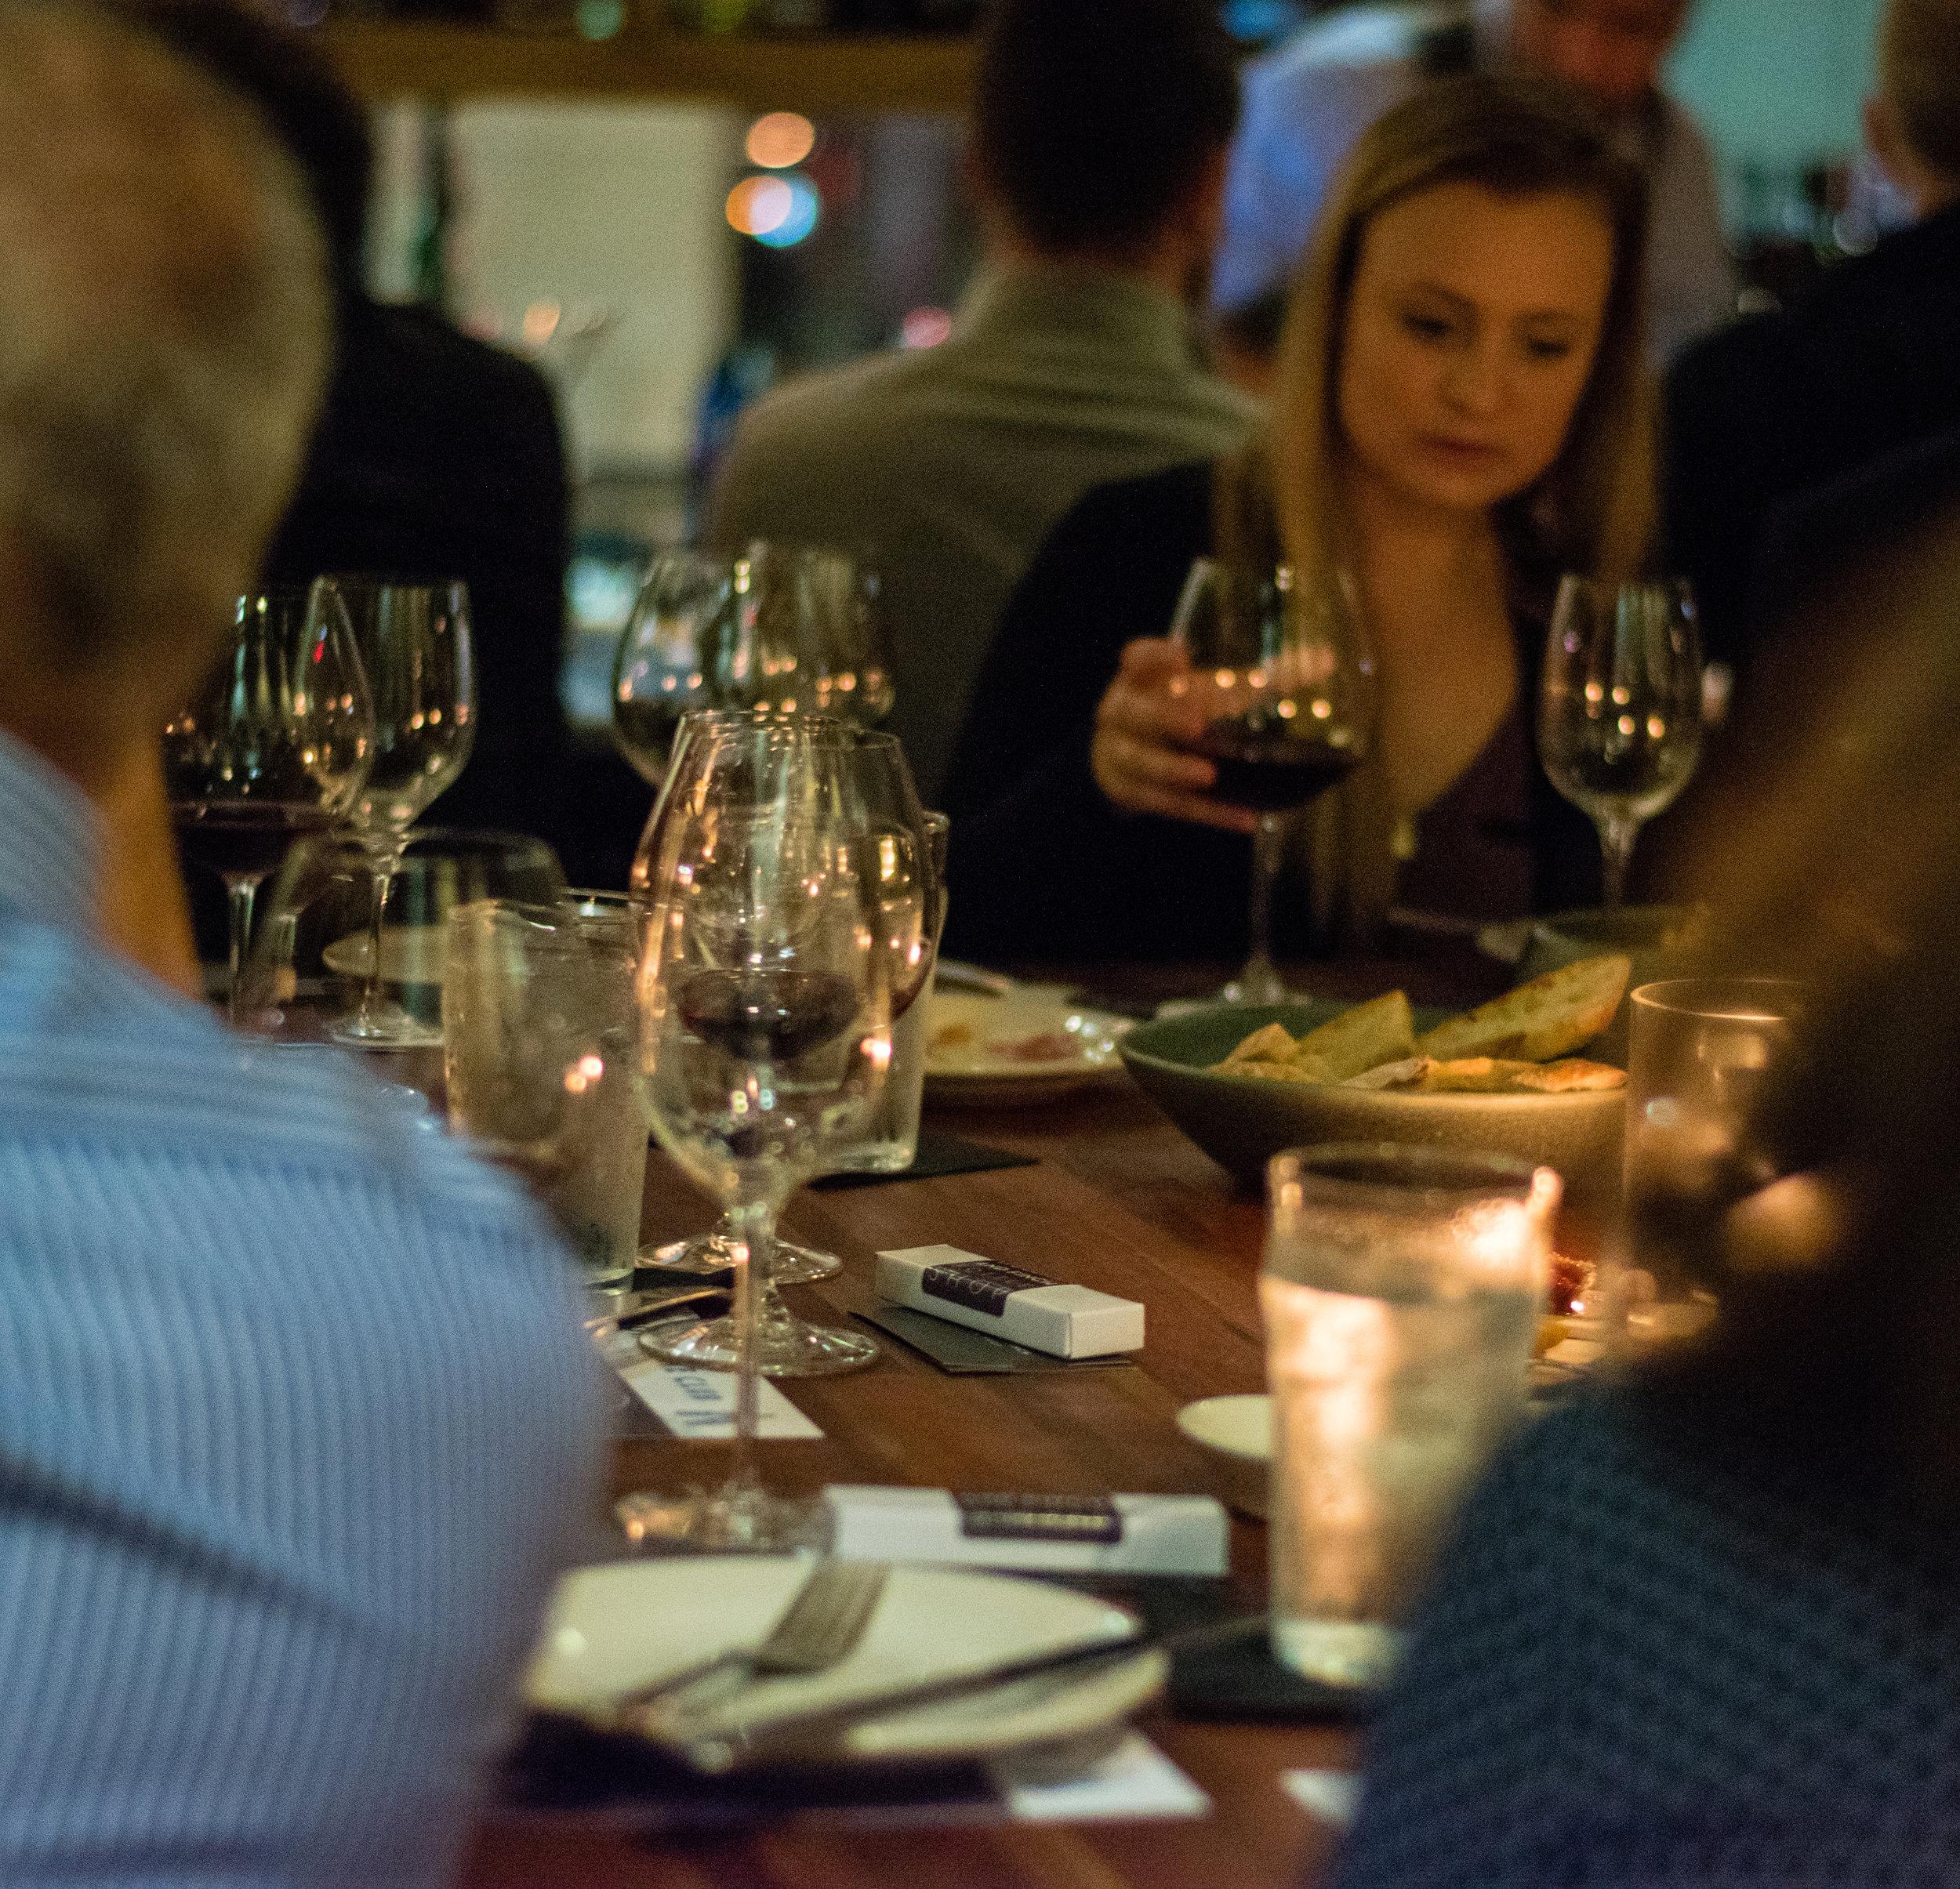 010918 HFPH Wine Club-2.jpg